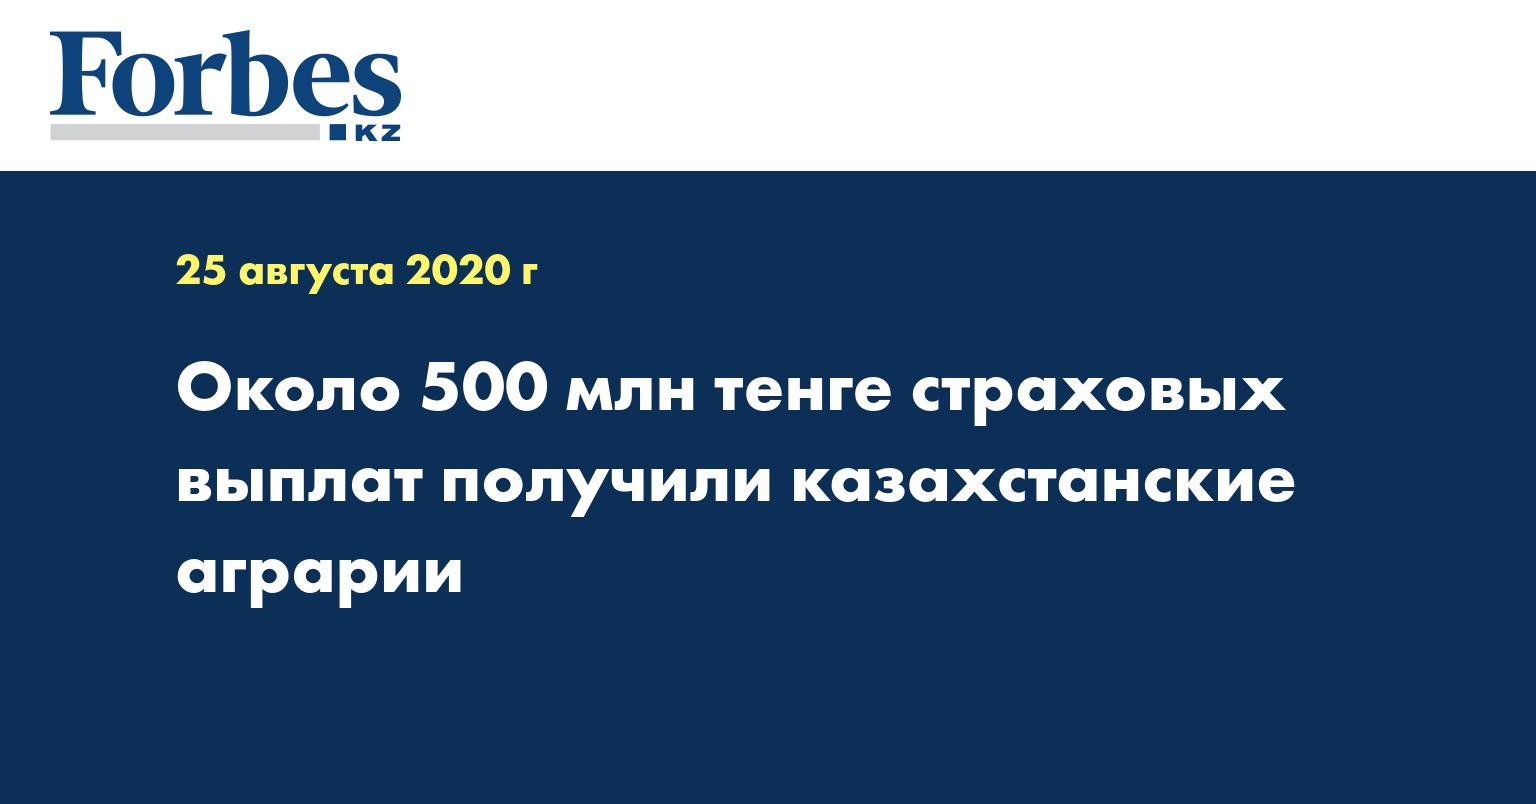 Около 500 млн тенге страховых выплат получили казахстанские аграрии